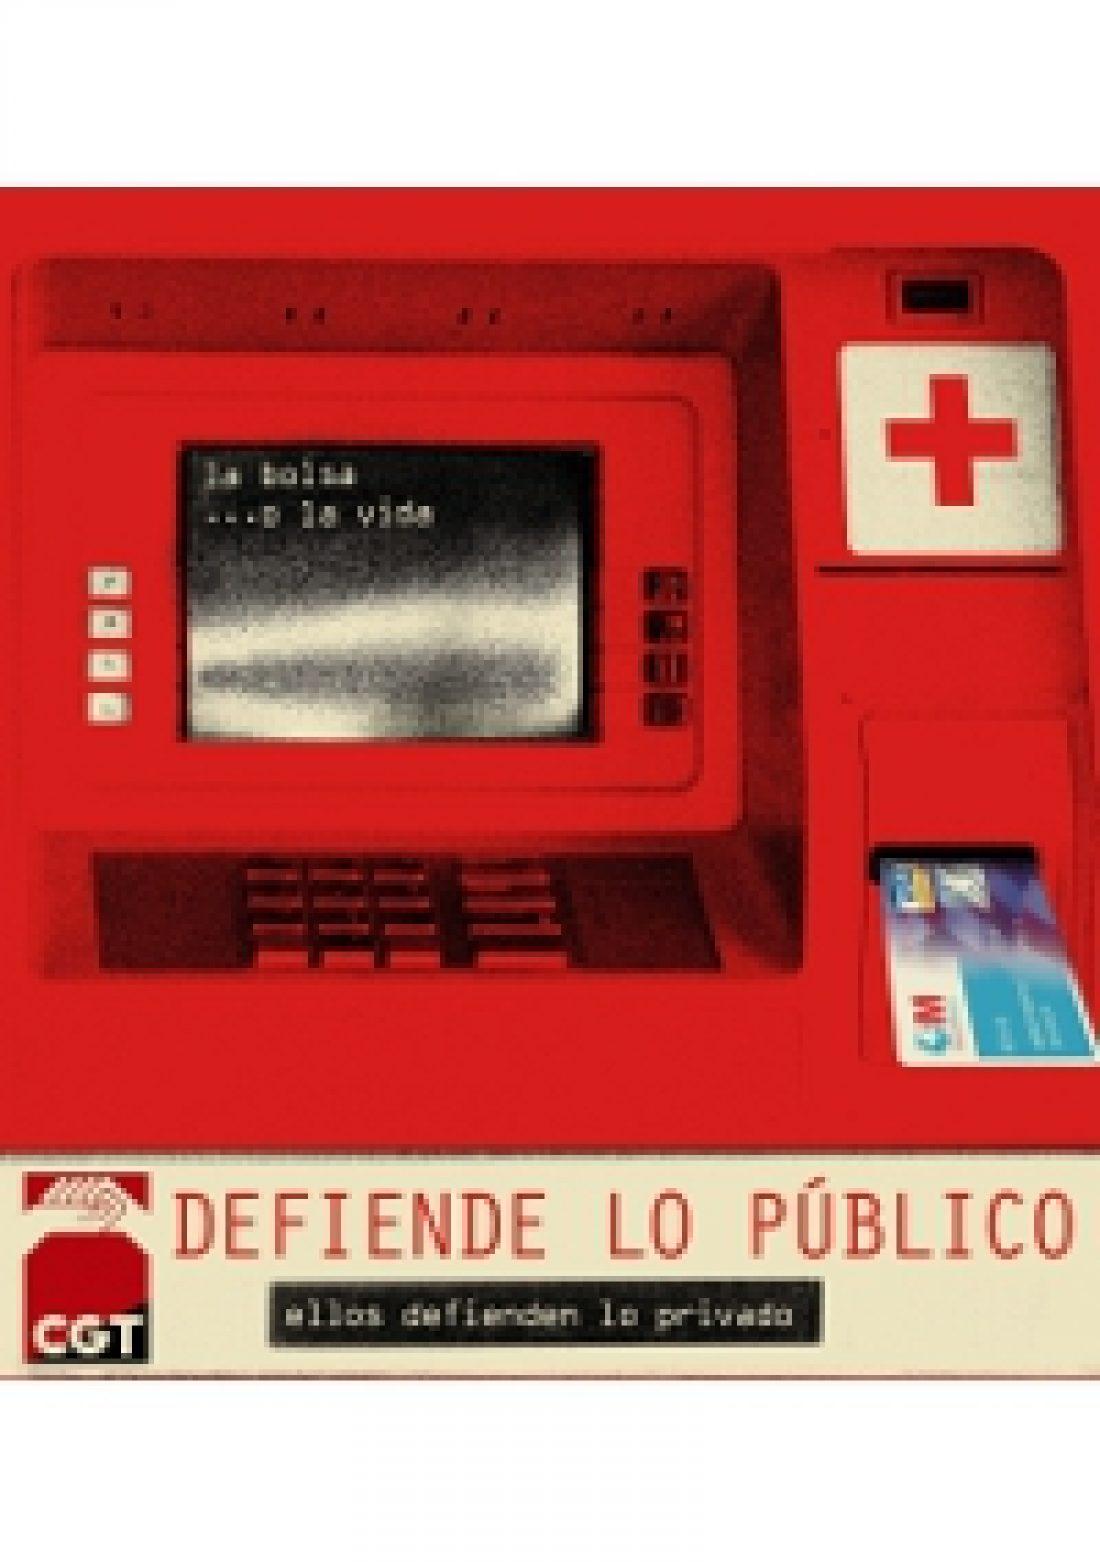 CGT en defensa de lo público